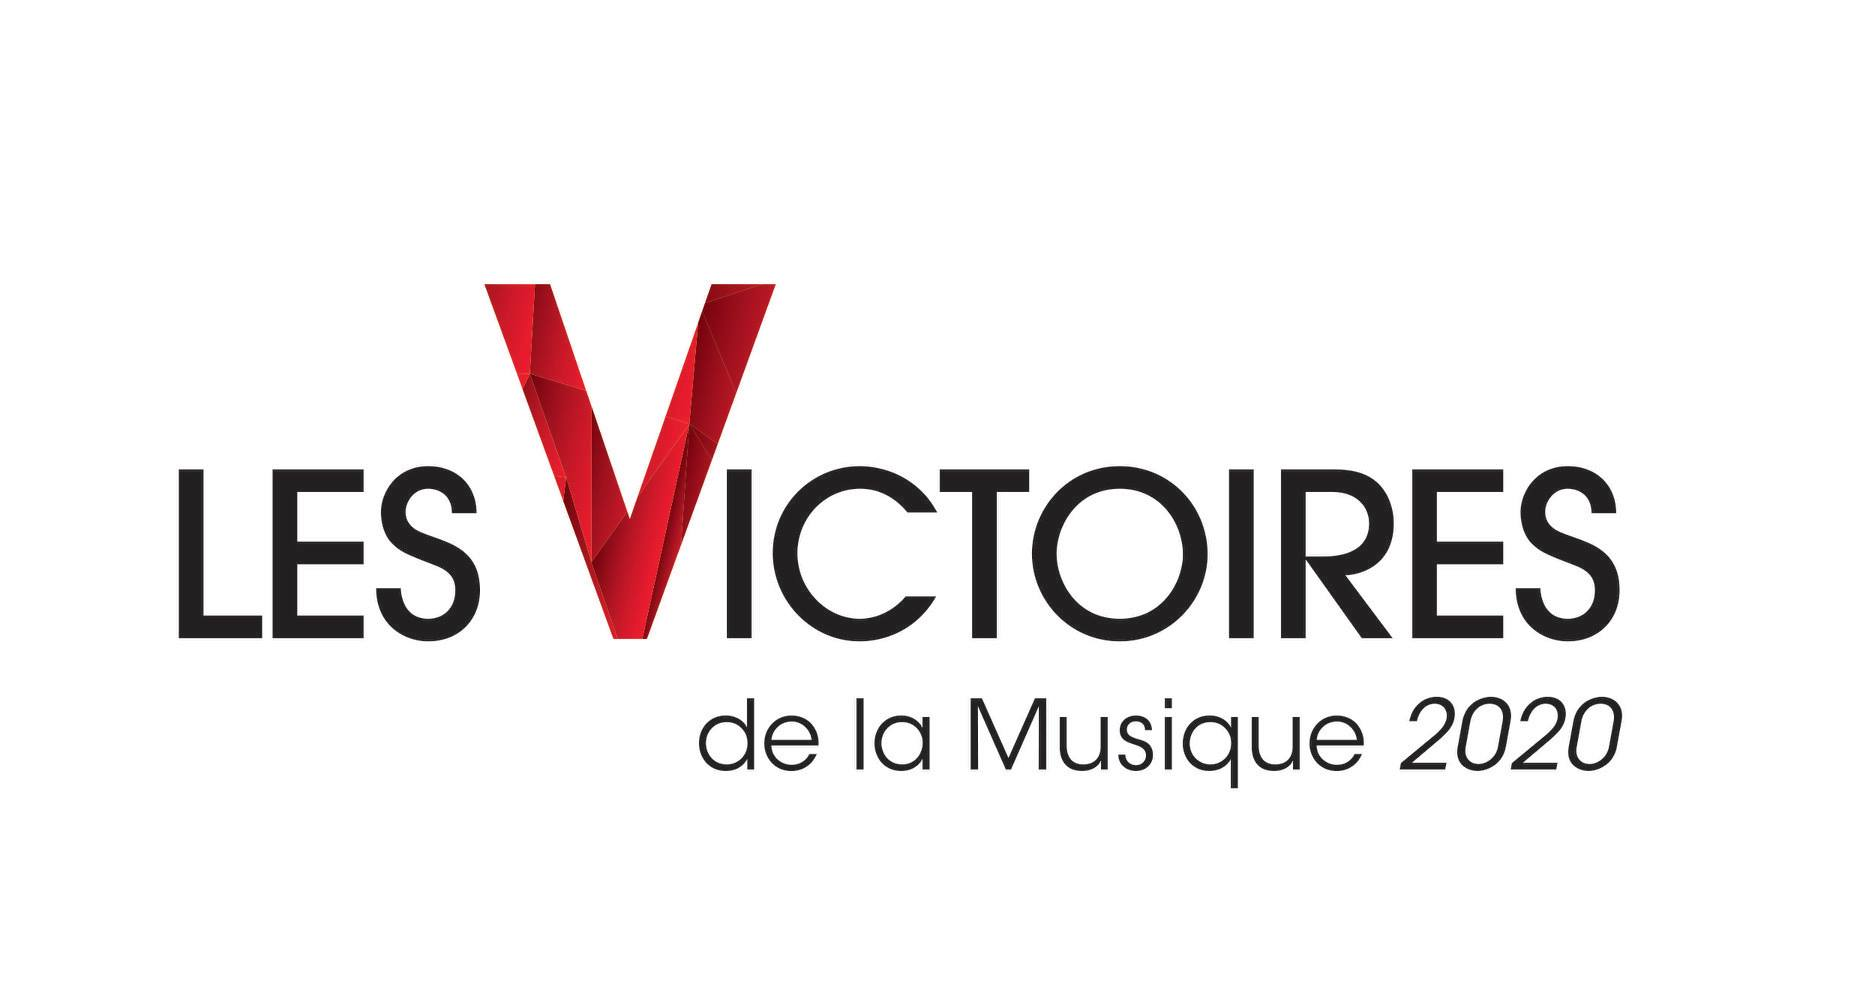 Victoires de la musique - Victoires de la musique 2020 - France 2 - cérémonie